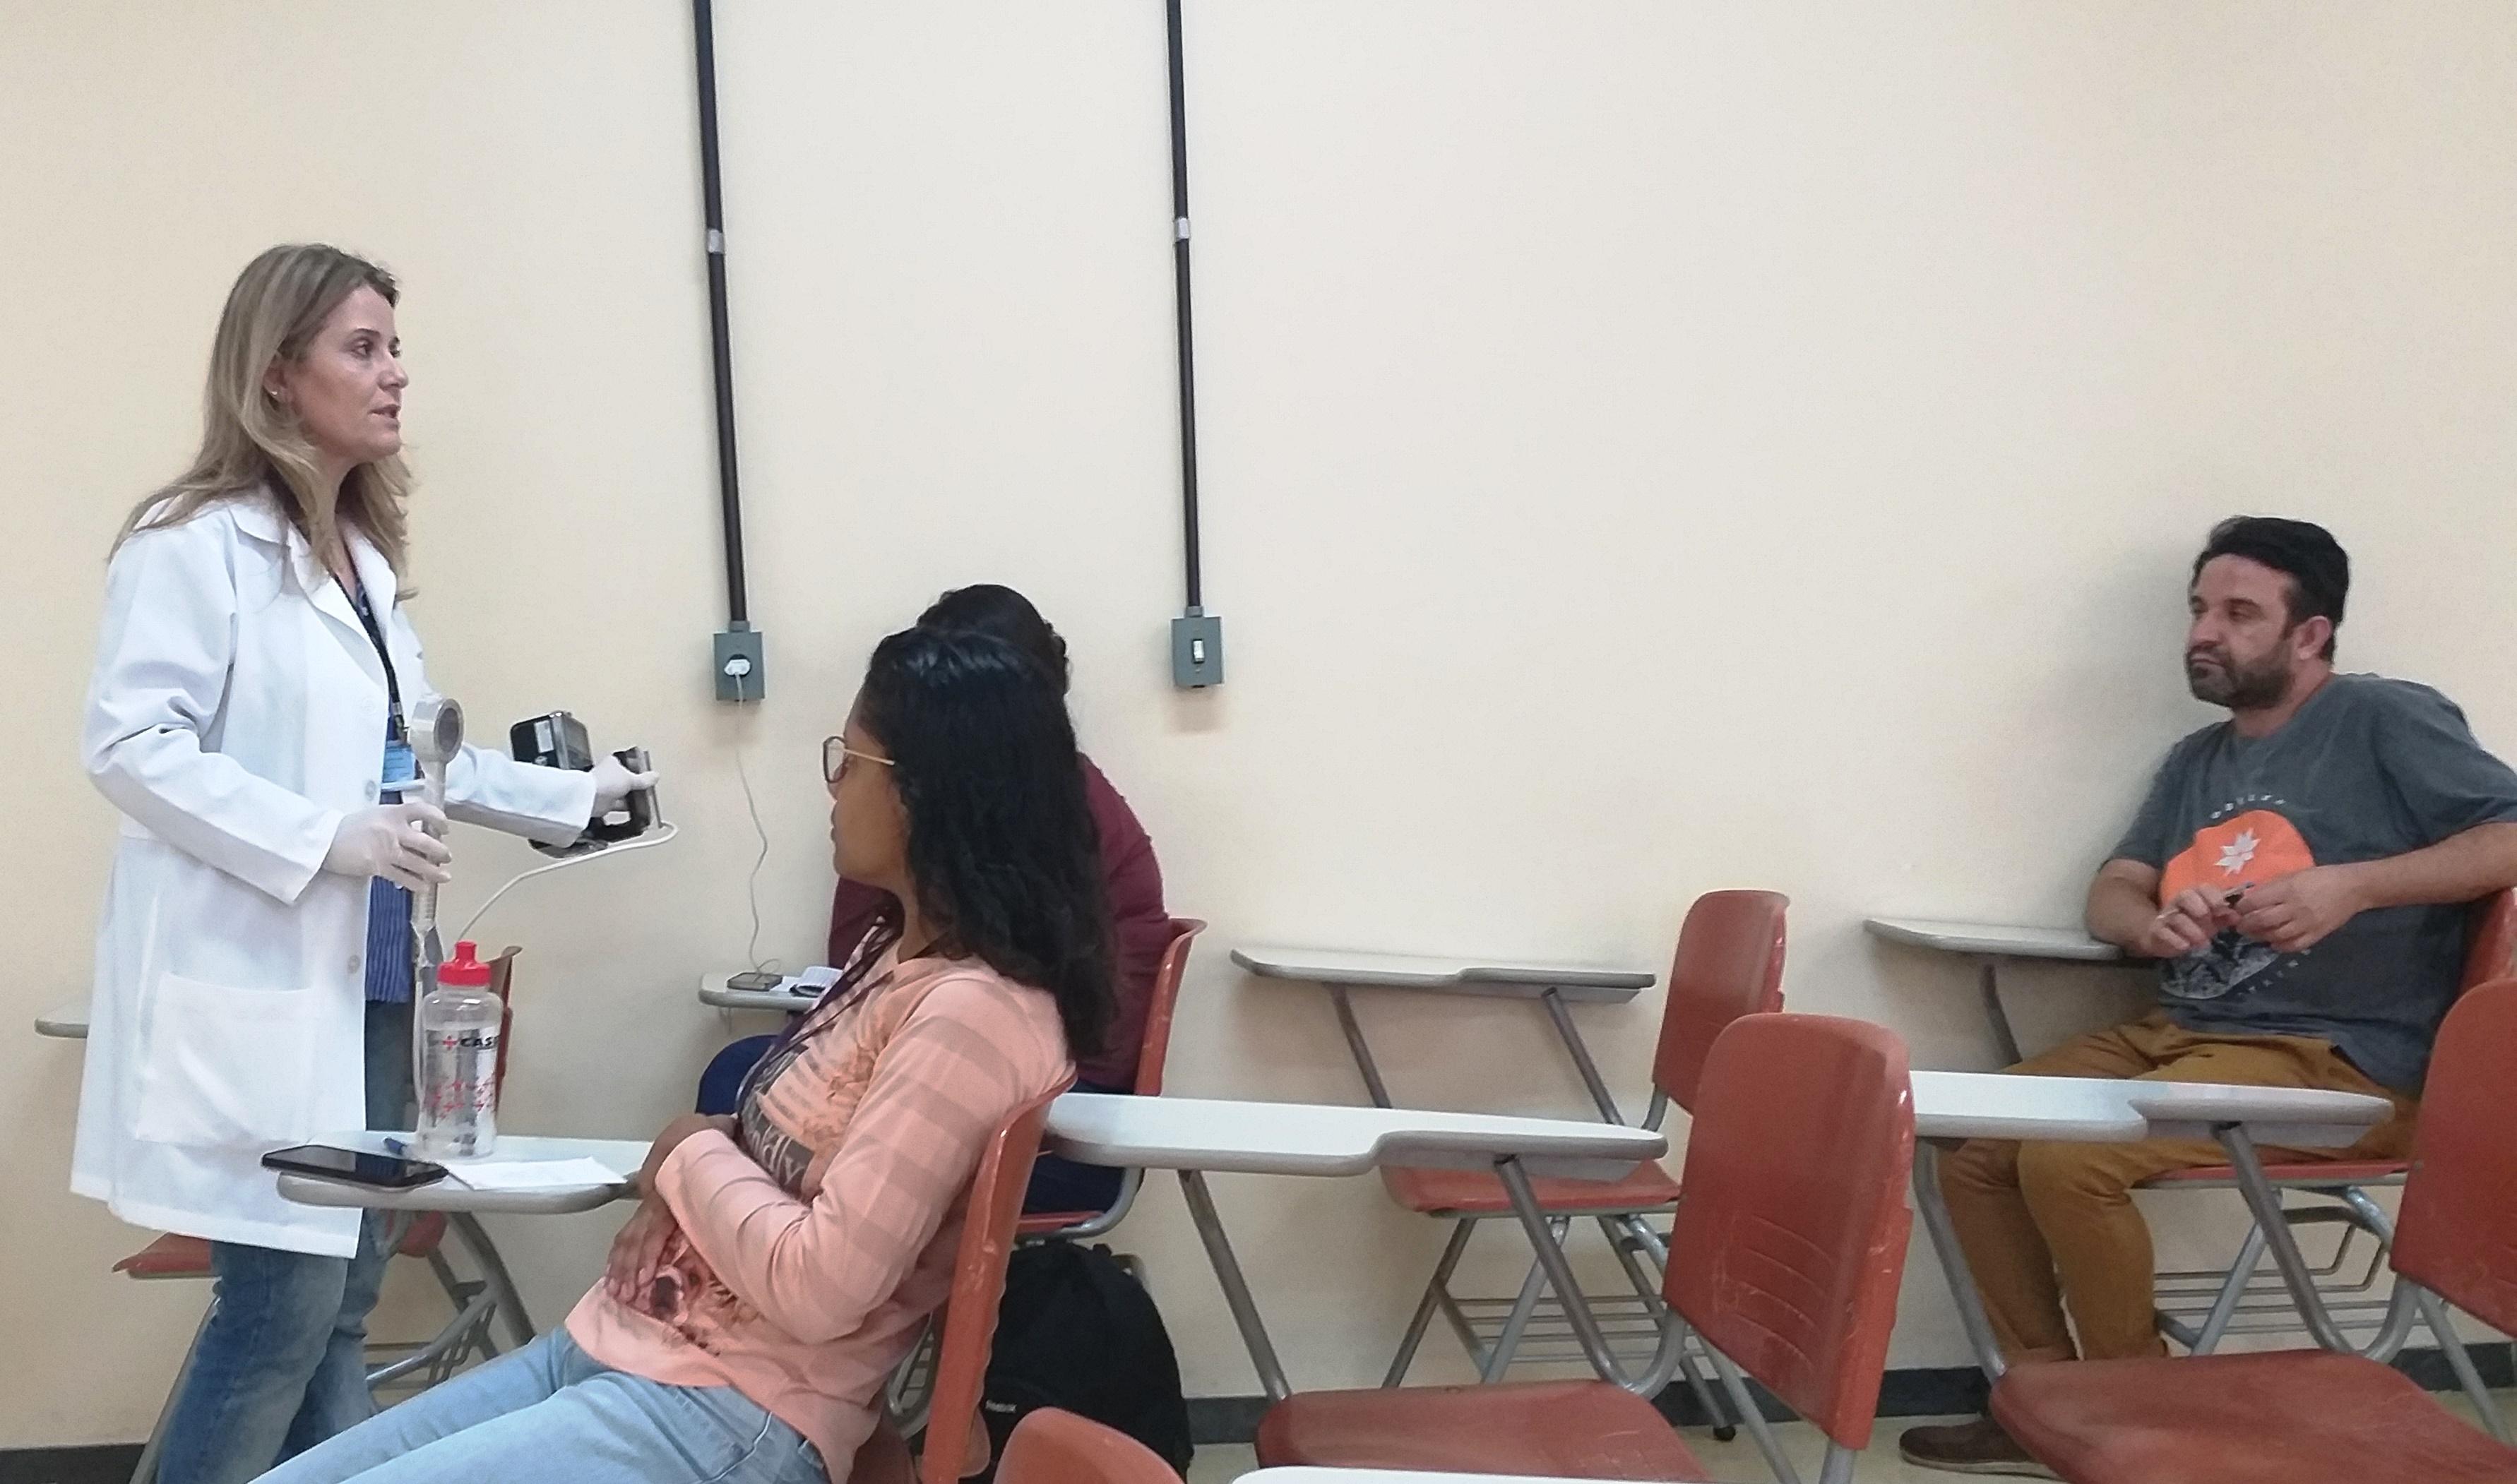 Foto 16 - Profa. Simone ACT-FAFAR durante aula de Biossegurança com radioisótopos